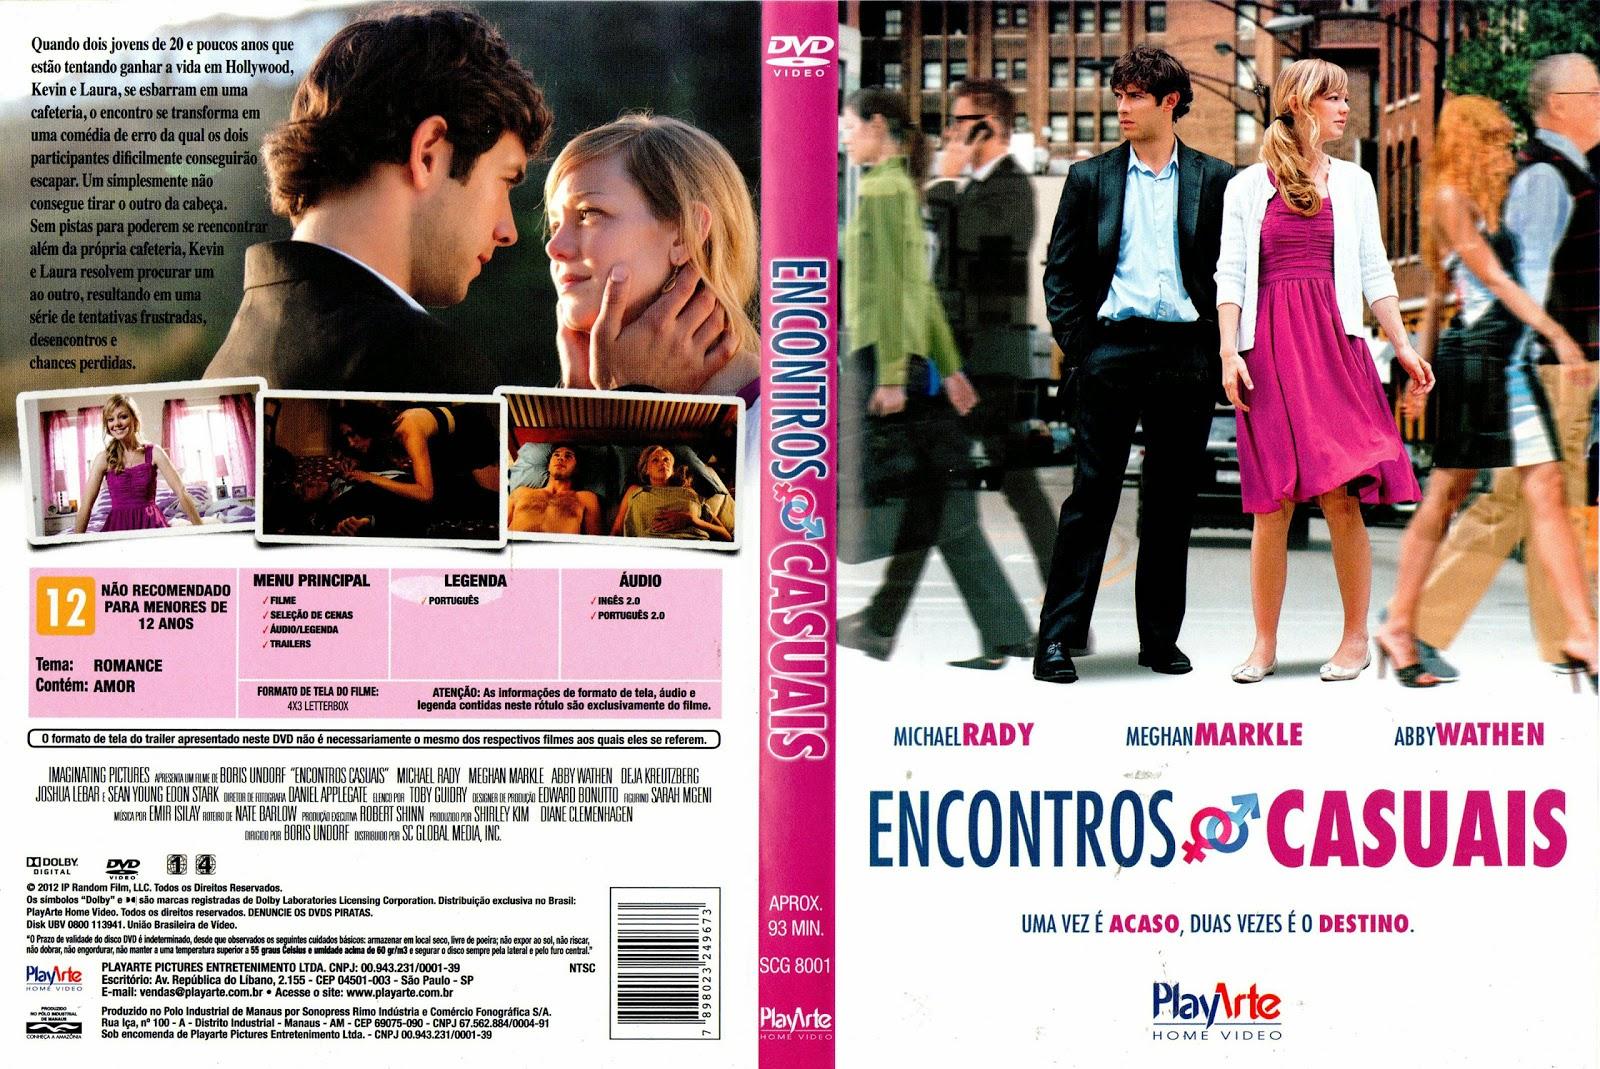 Capa DVD Encontros Casuais